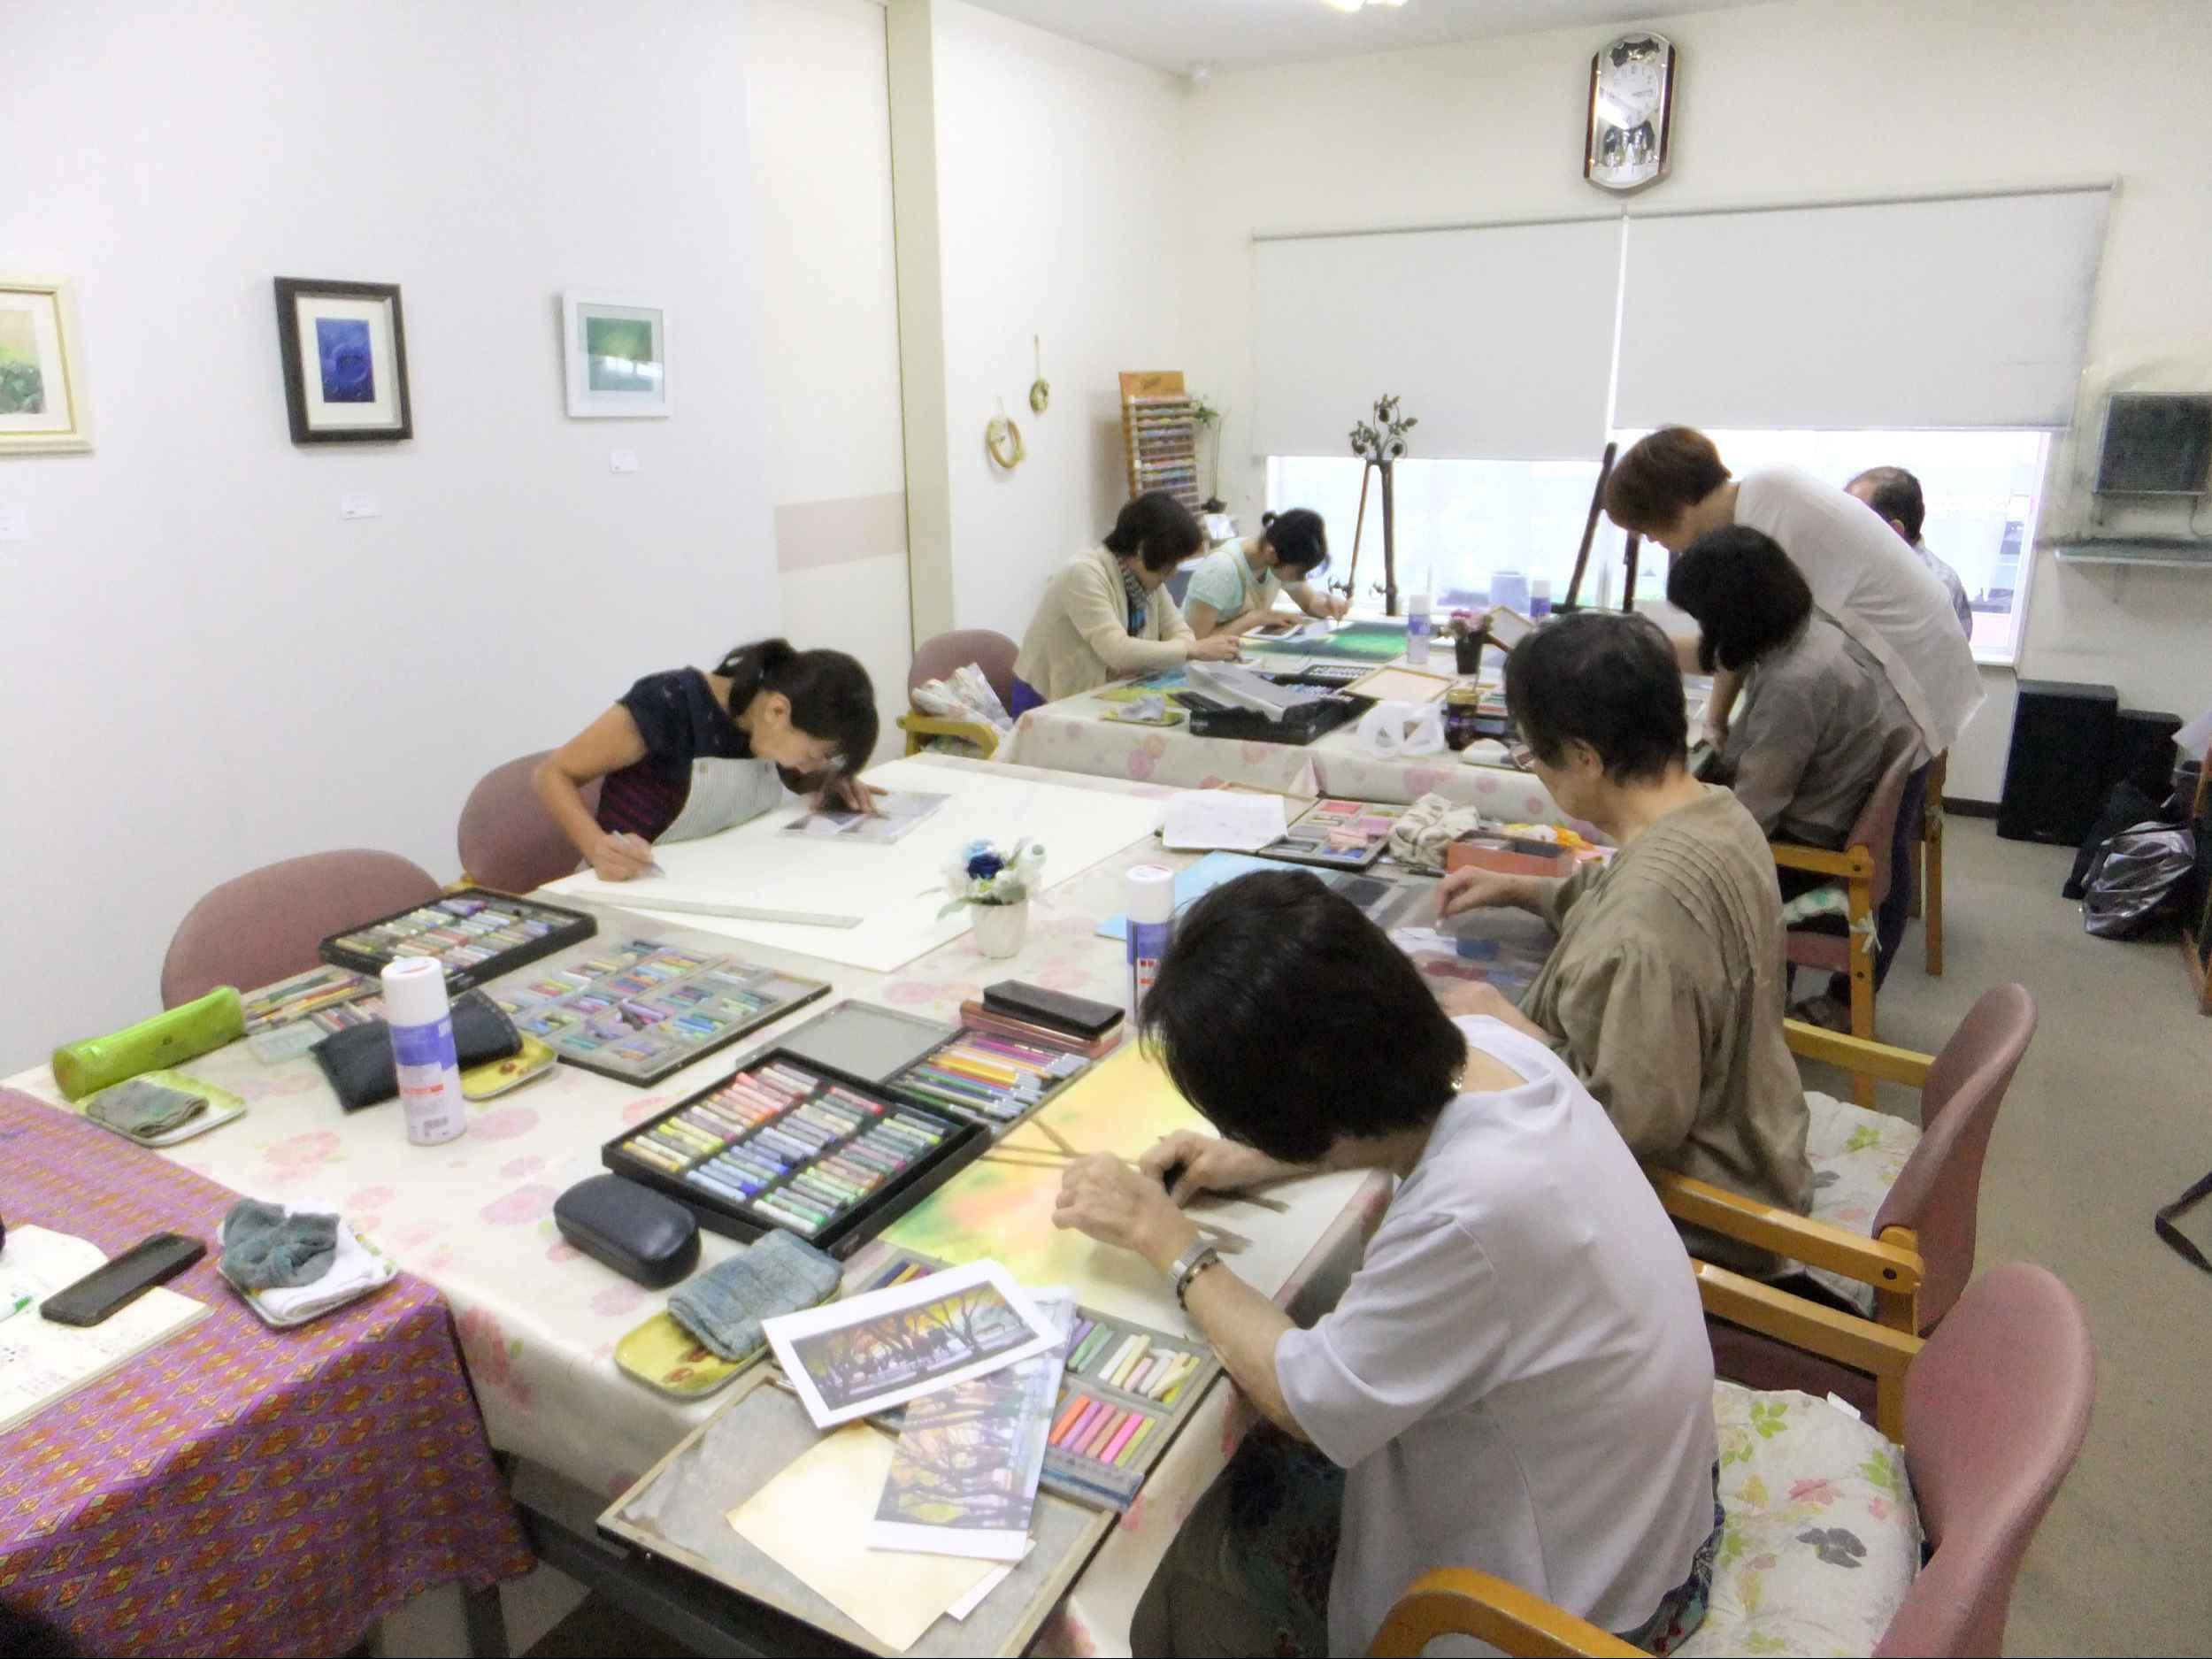 アートビレッジ39パステル絵画教室 下関教室